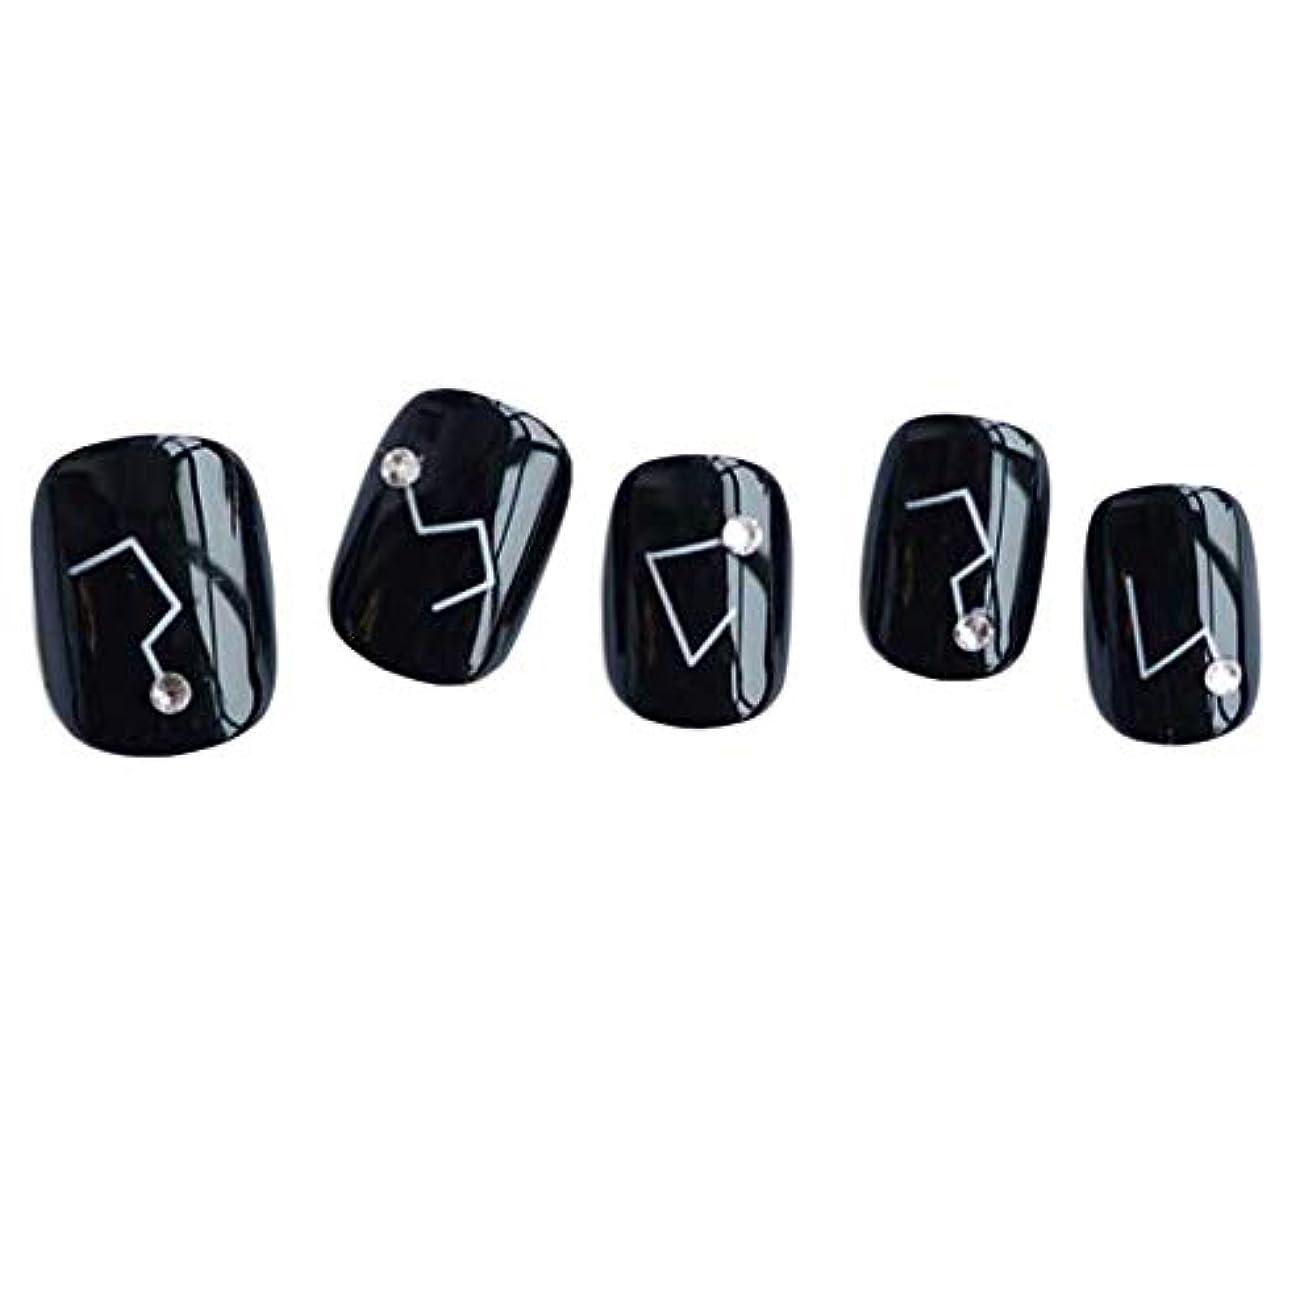 乏しいチャンピオンシップ勇敢な星座 - 黒い短い偽の指爪人工爪の装飾の爪のヒント